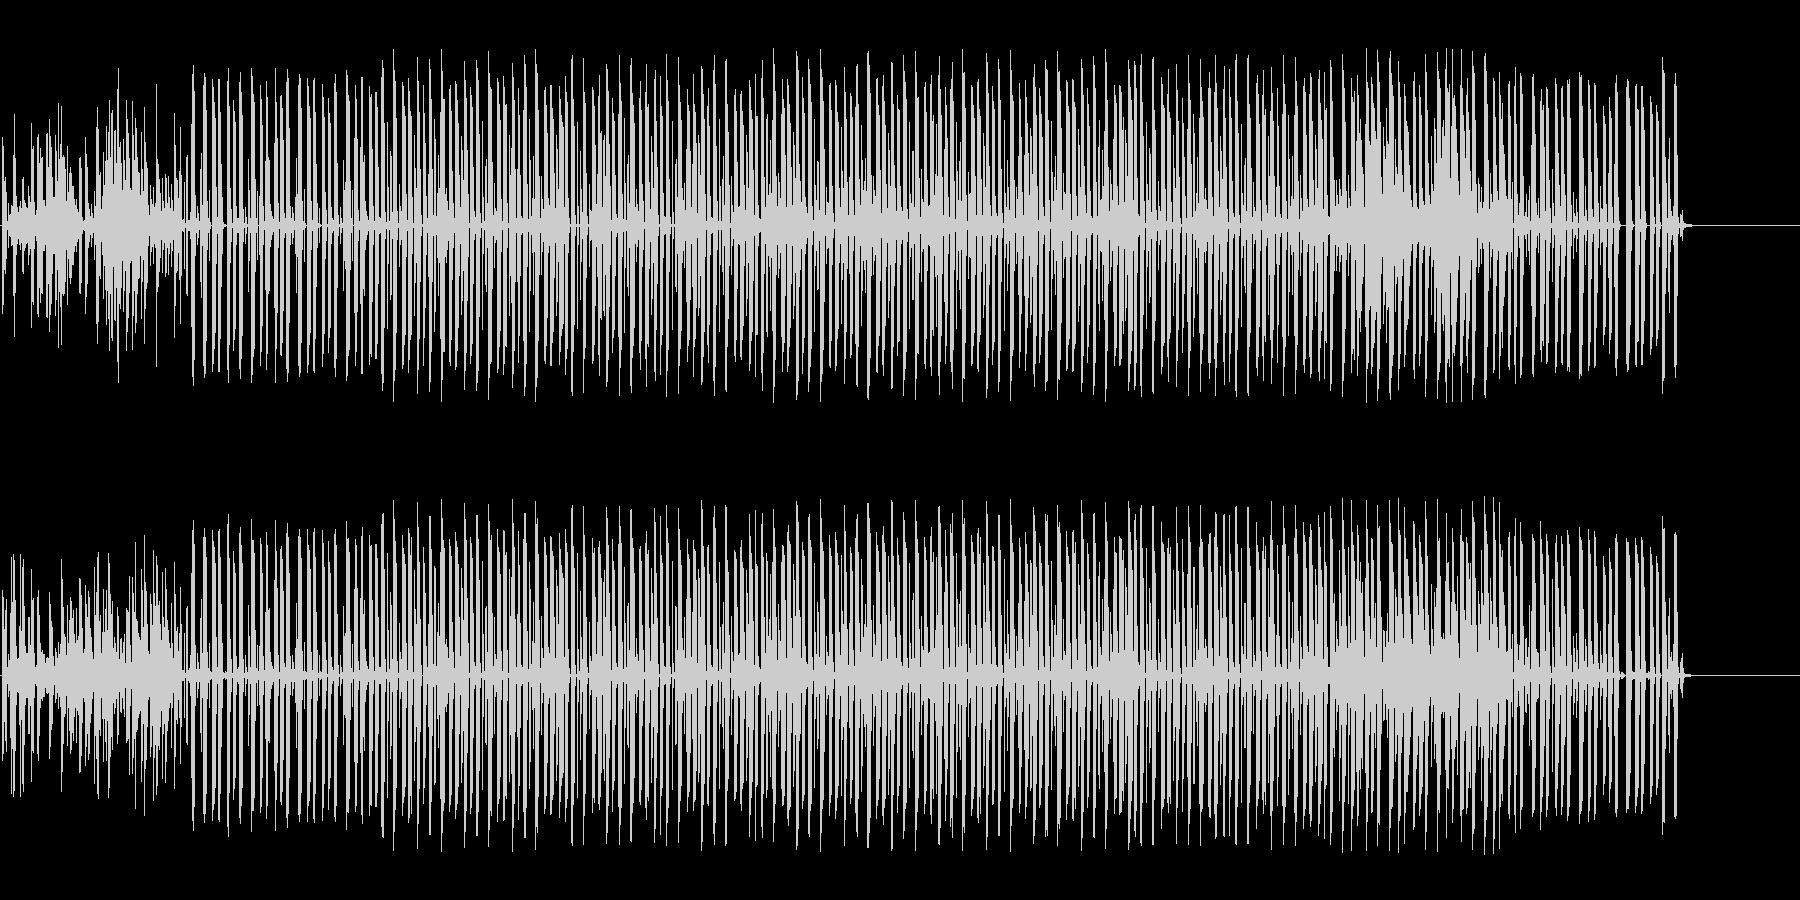 怪しく奇妙な雰囲気のエレクトロニカの未再生の波形